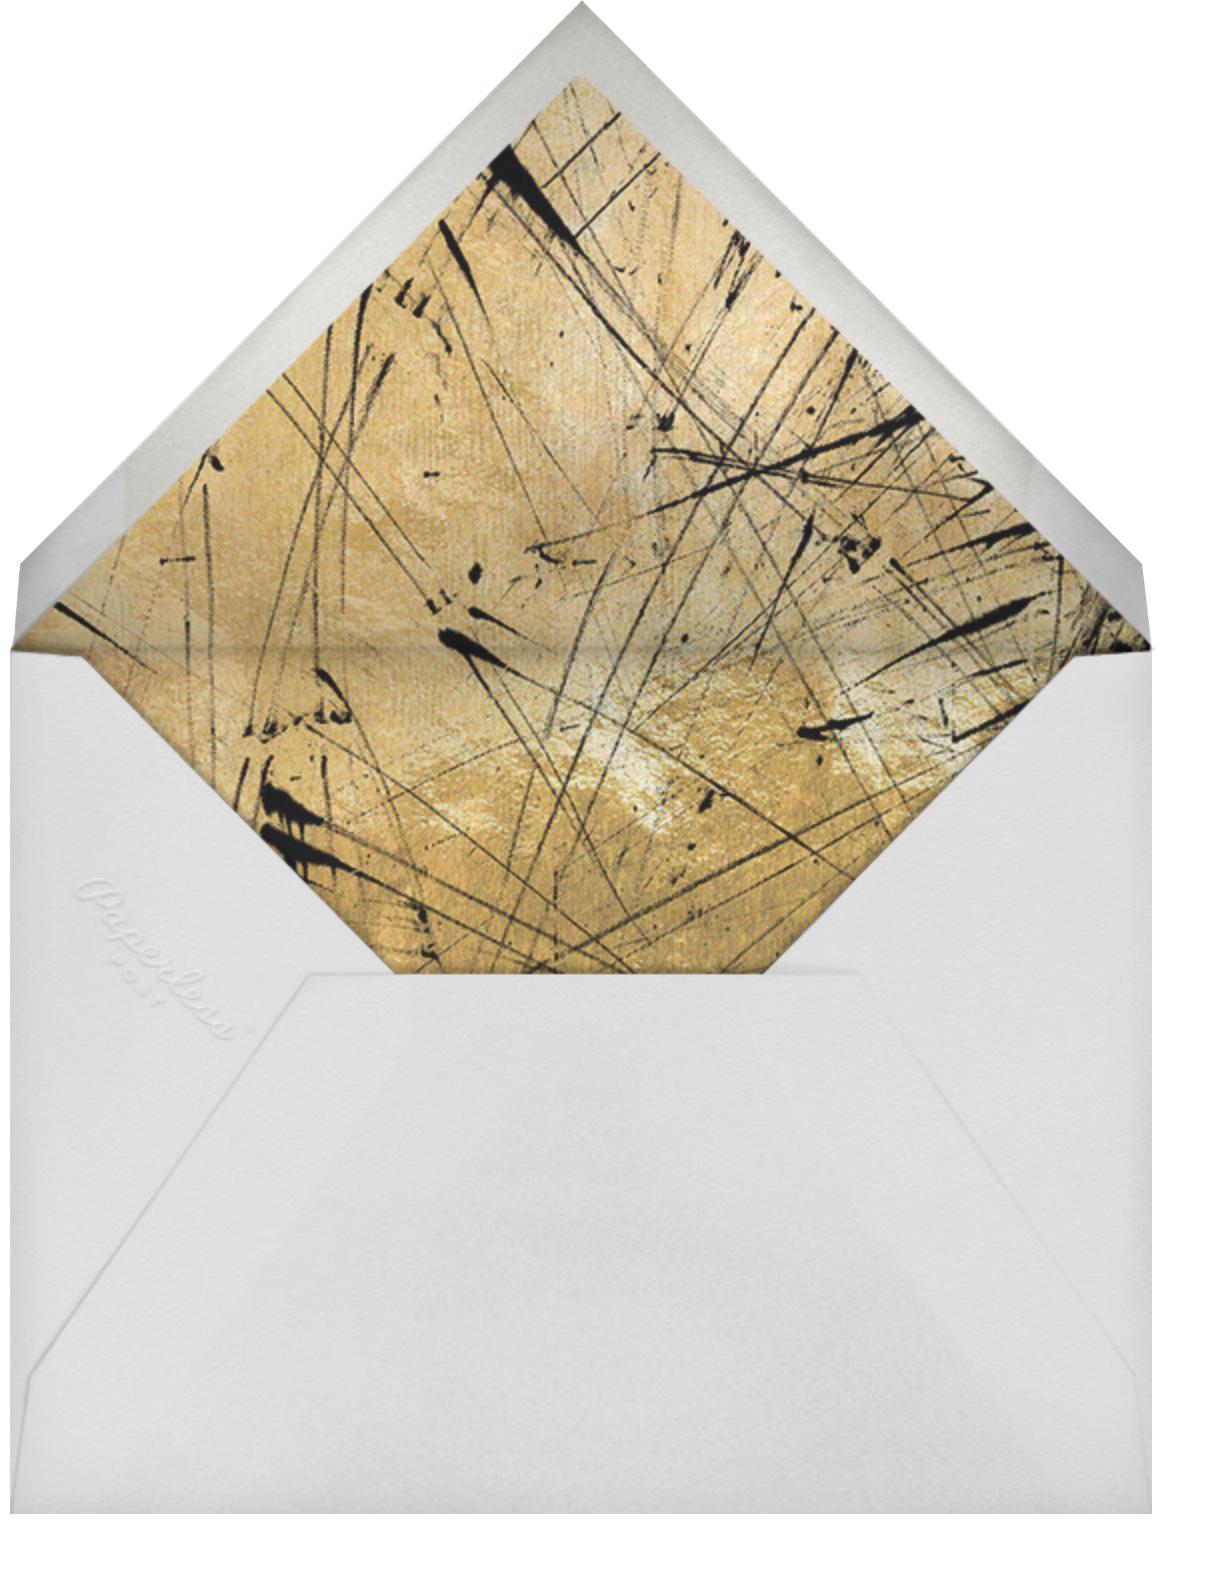 Atelier - Kelly Wearstler - Adult birthday - envelope back